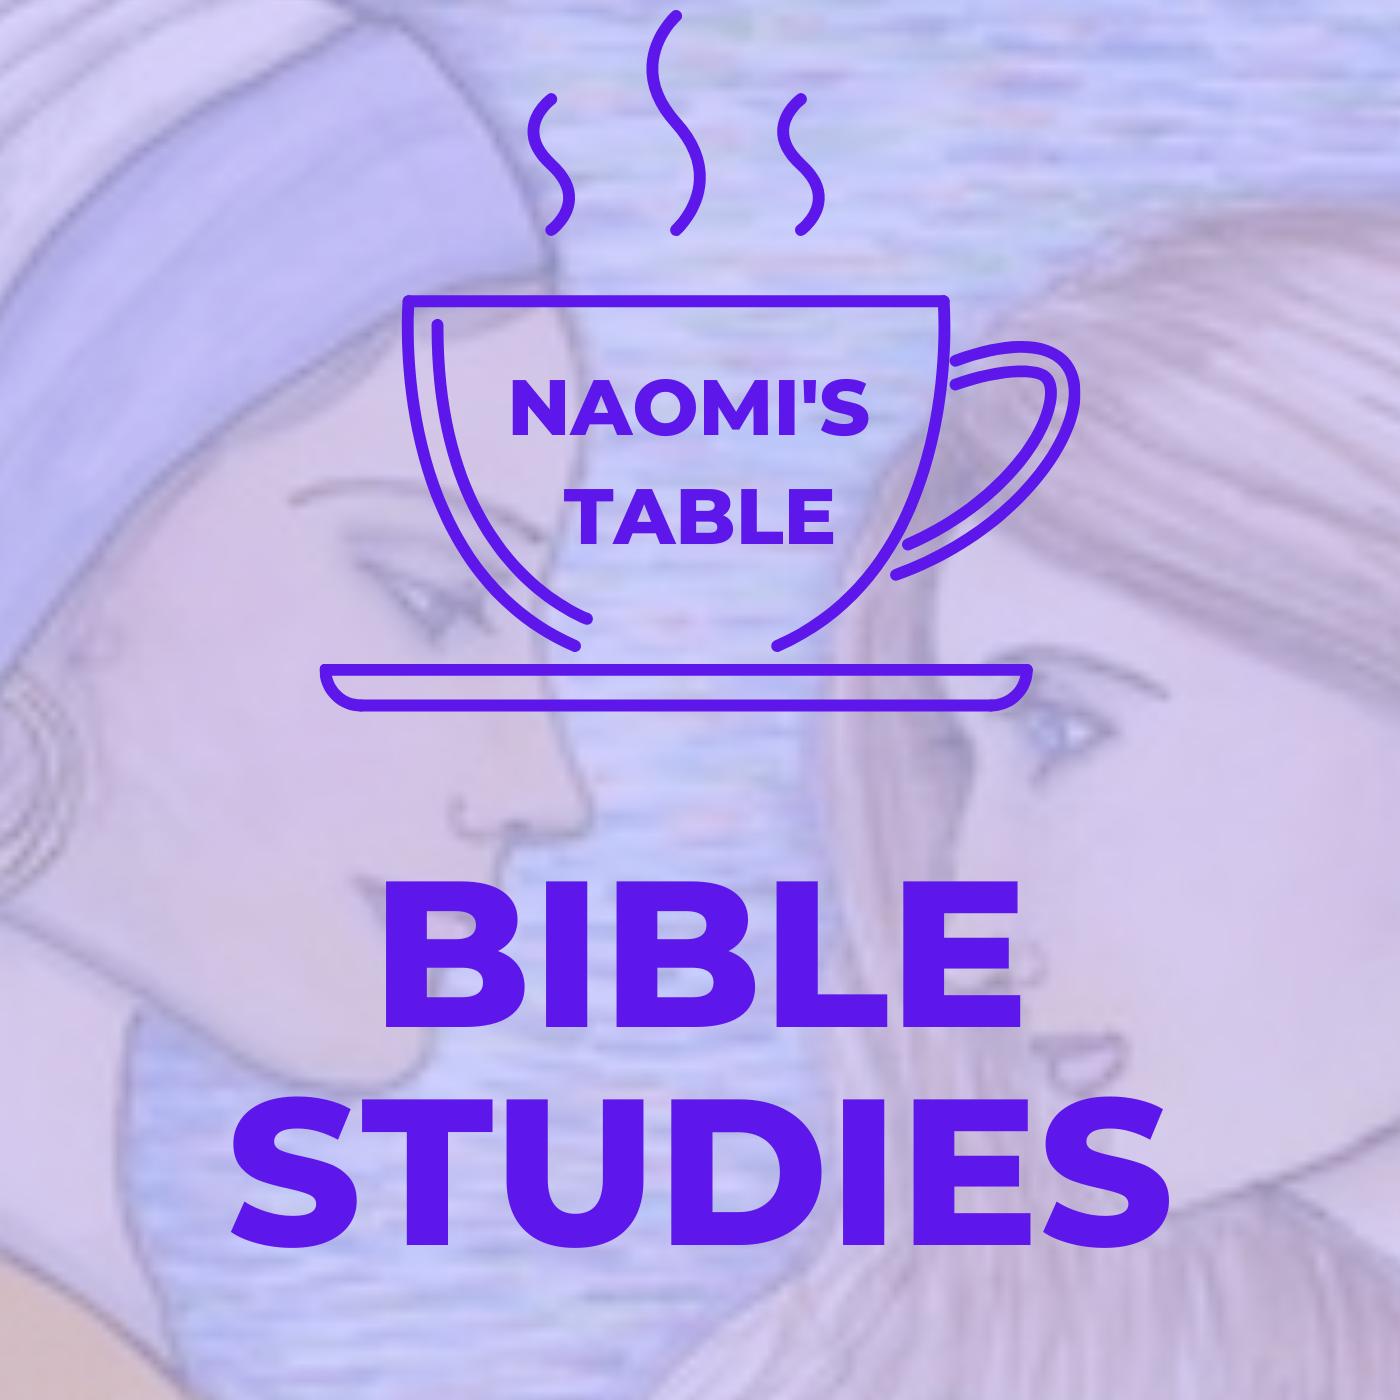 Naomi's Table Bible Studies